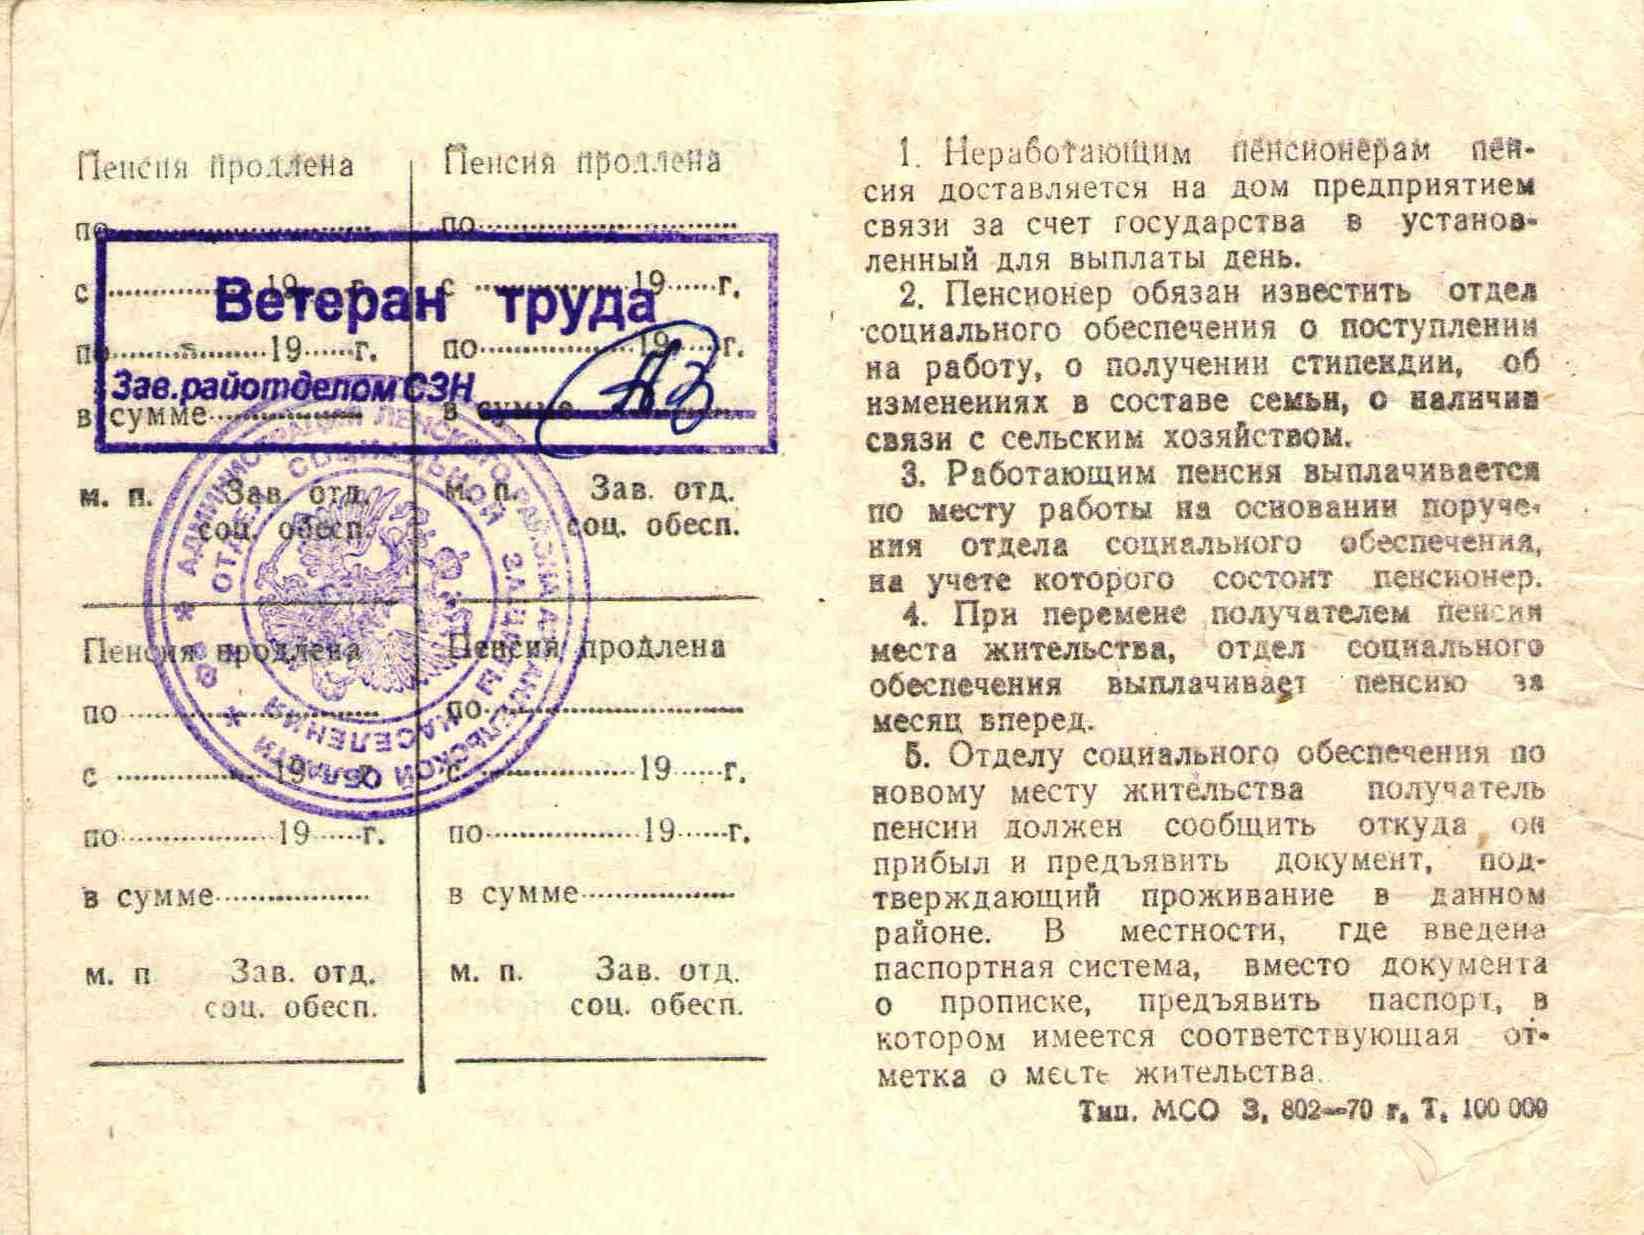 98. Пенсионное удостоверение, Барыкина МГ, 1976